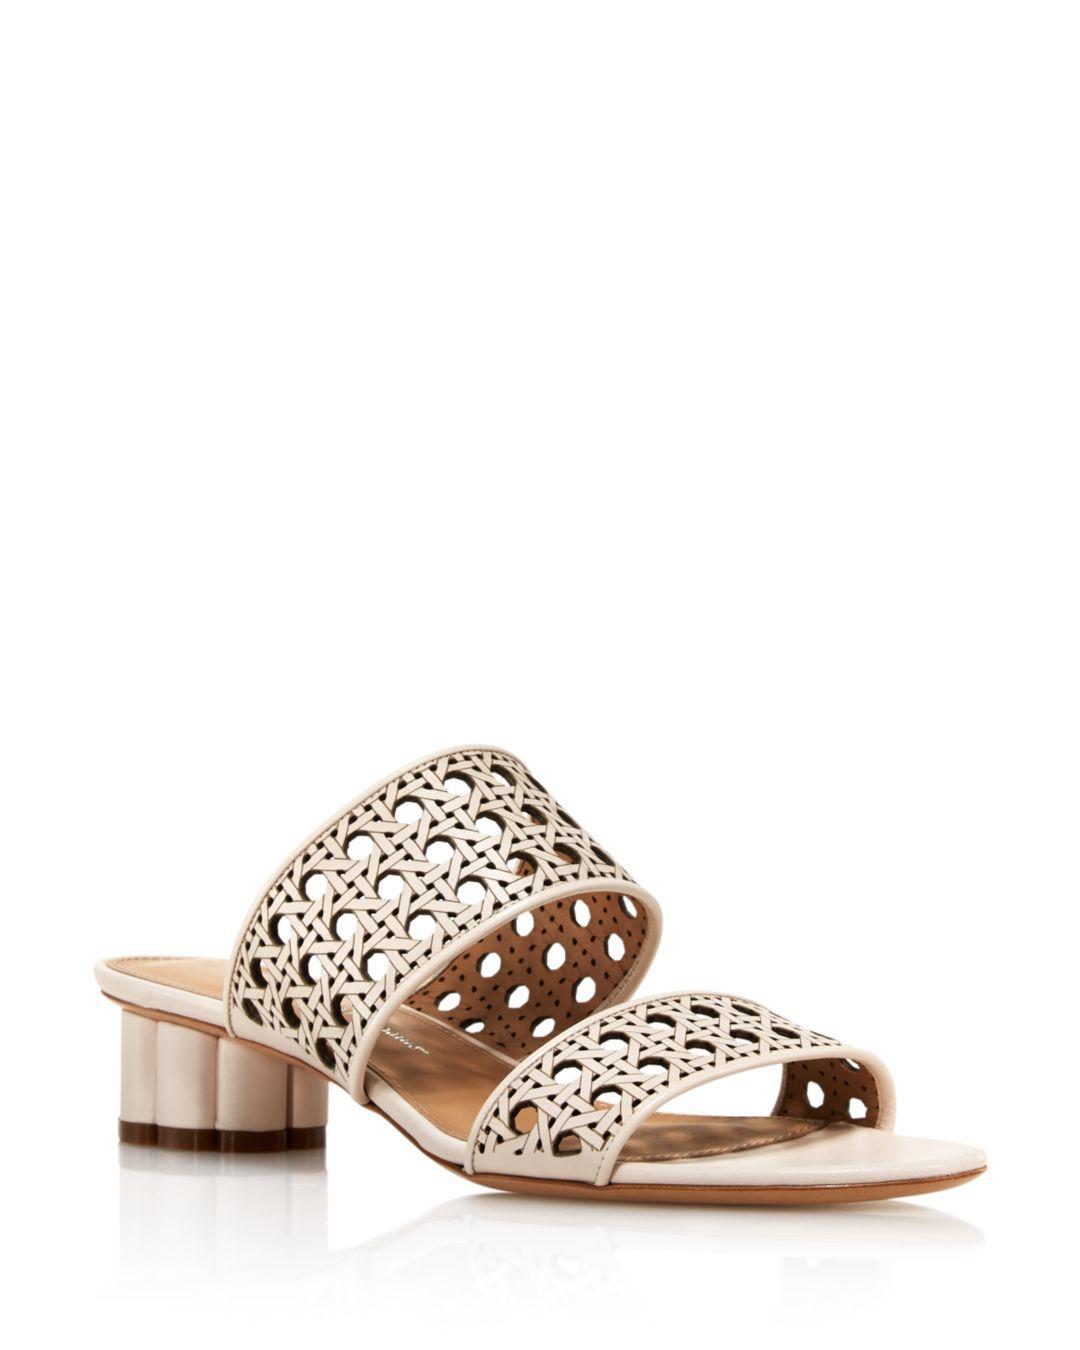 fe6e33712a12 Lyst - Ferragamo Women s Woven Leather Flower Heel Sandals